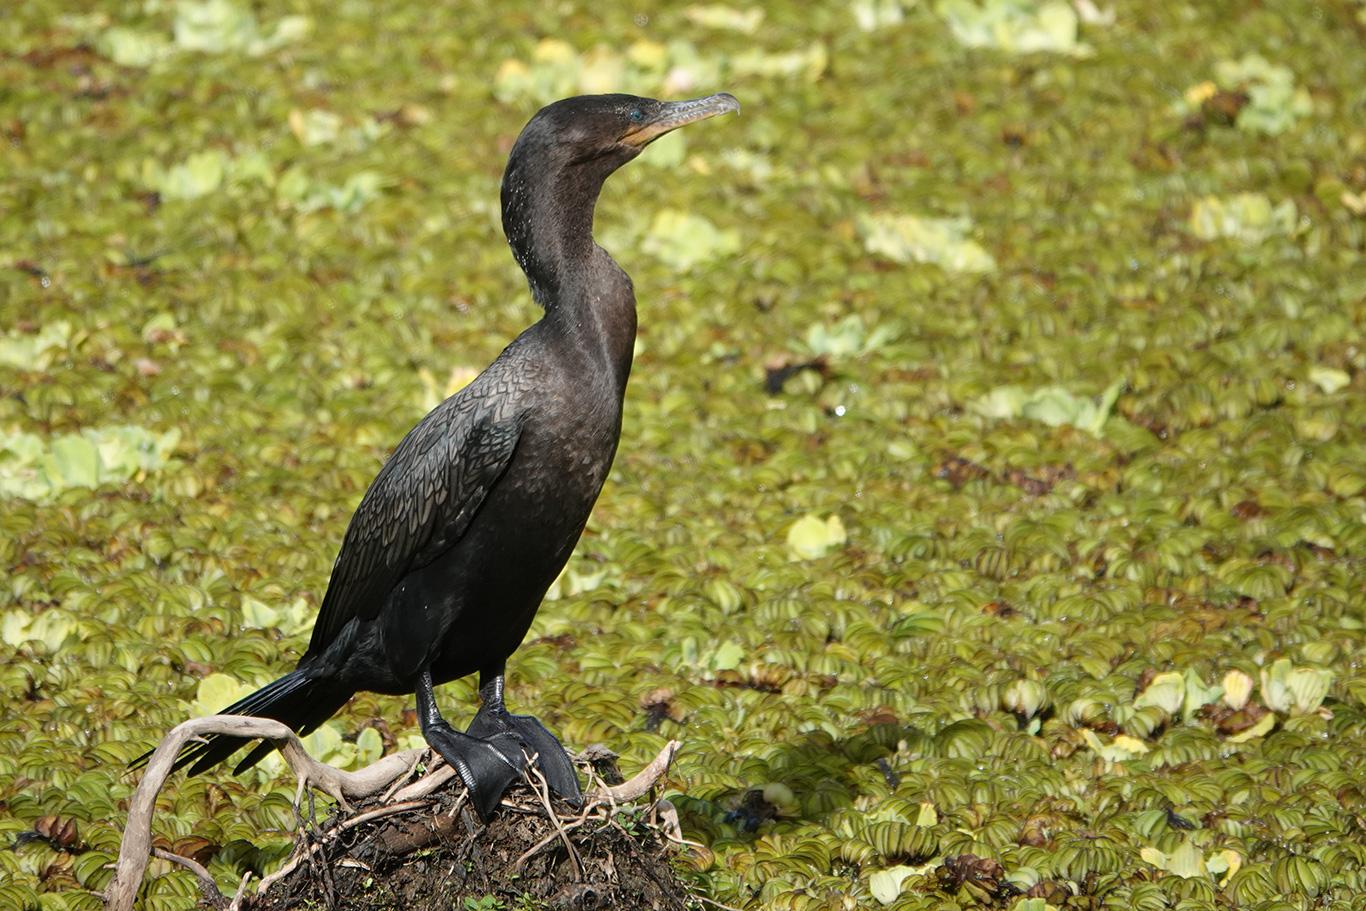 Neotropic Cormorant, Reserva Ecológica Costanera Sur, Buenos Aires, Argentina.